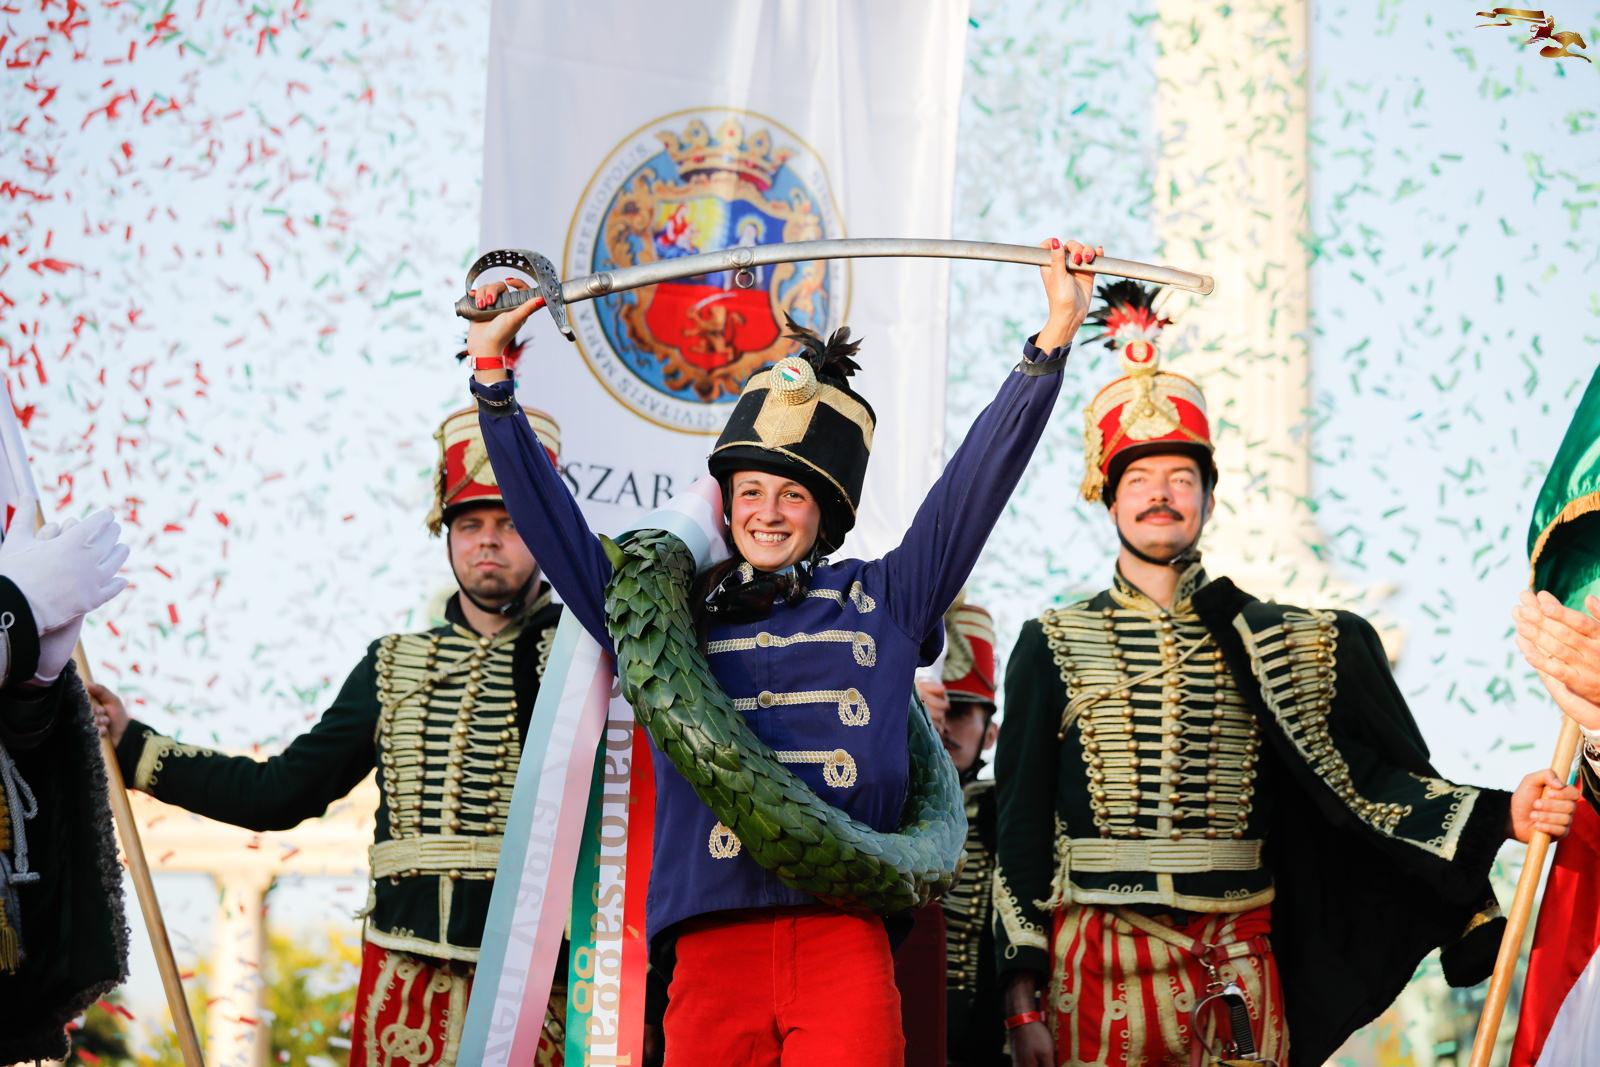 Női győztes a 14. Nemzeti Vágtán – Szabadka lovasa, Szabó Nikolett diadalmaskodott